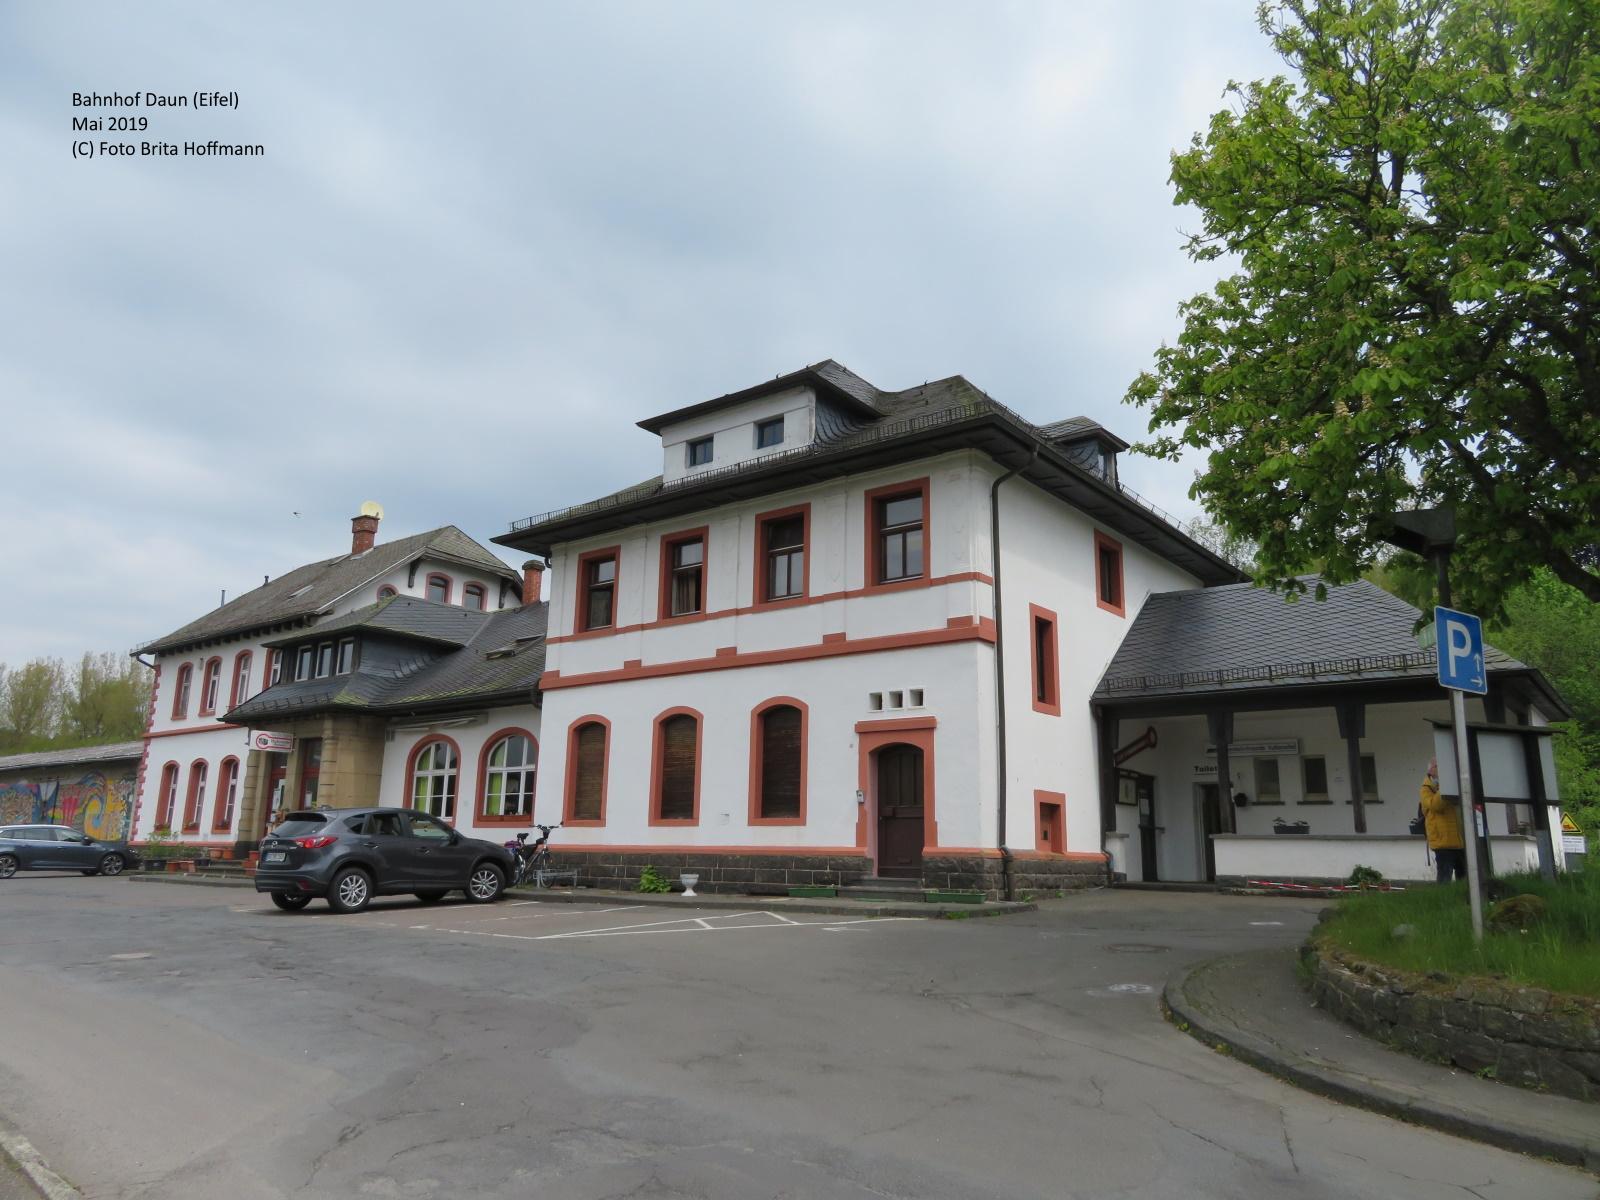 Bahnhof Daun